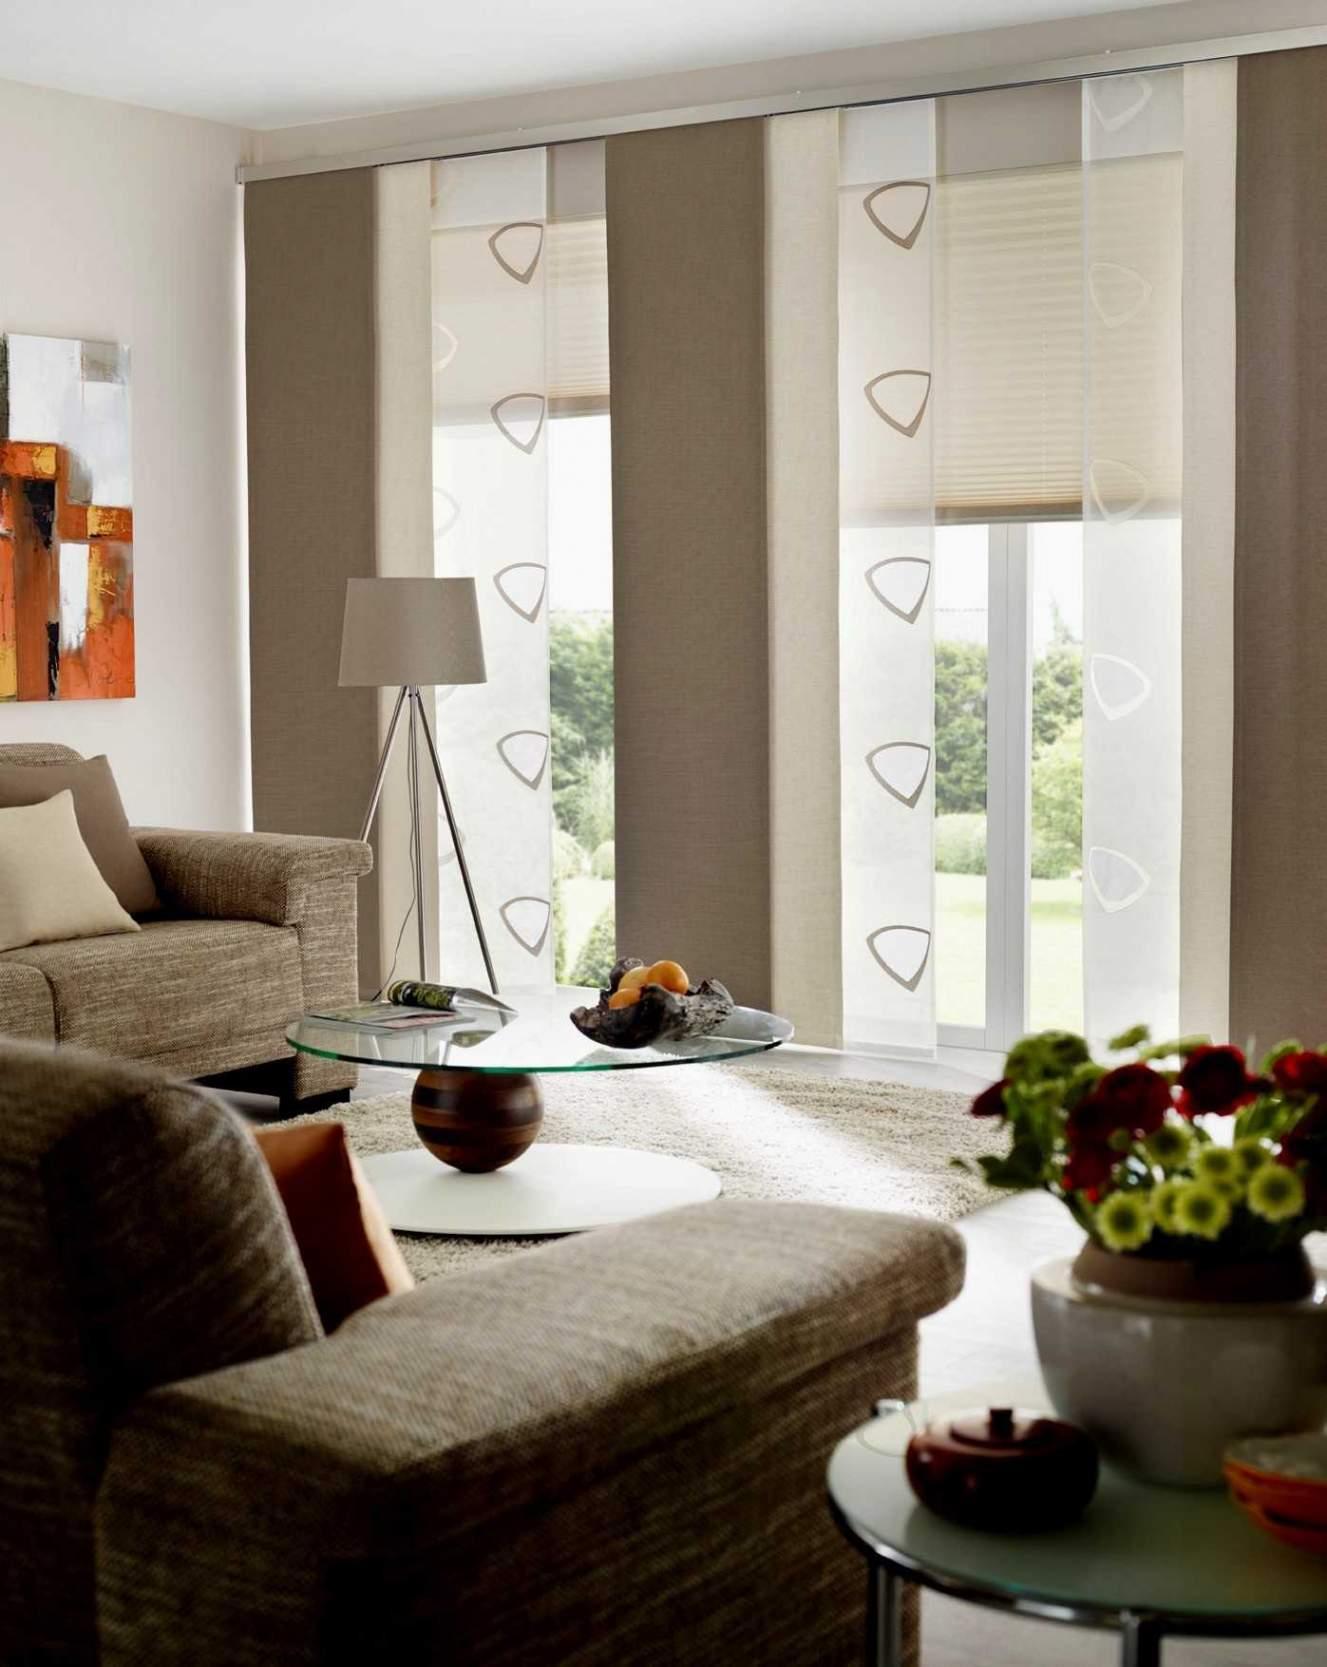 frisch 27 von wohnzimmer ideen fur kleine raume hauptideen gardine fur tur mit glaseinsatz gardine fur tur mit glaseinsatz